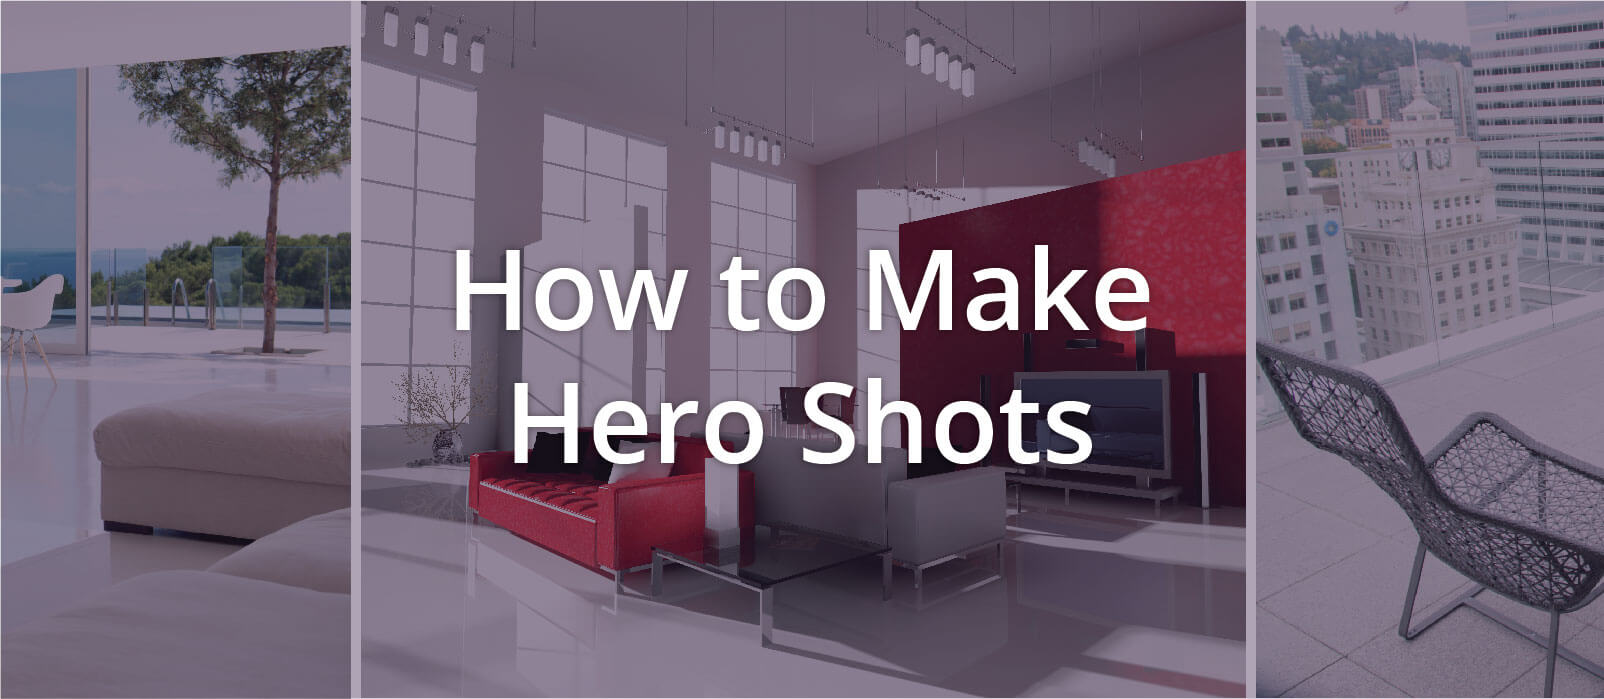 19.hero_shot_1.jpg